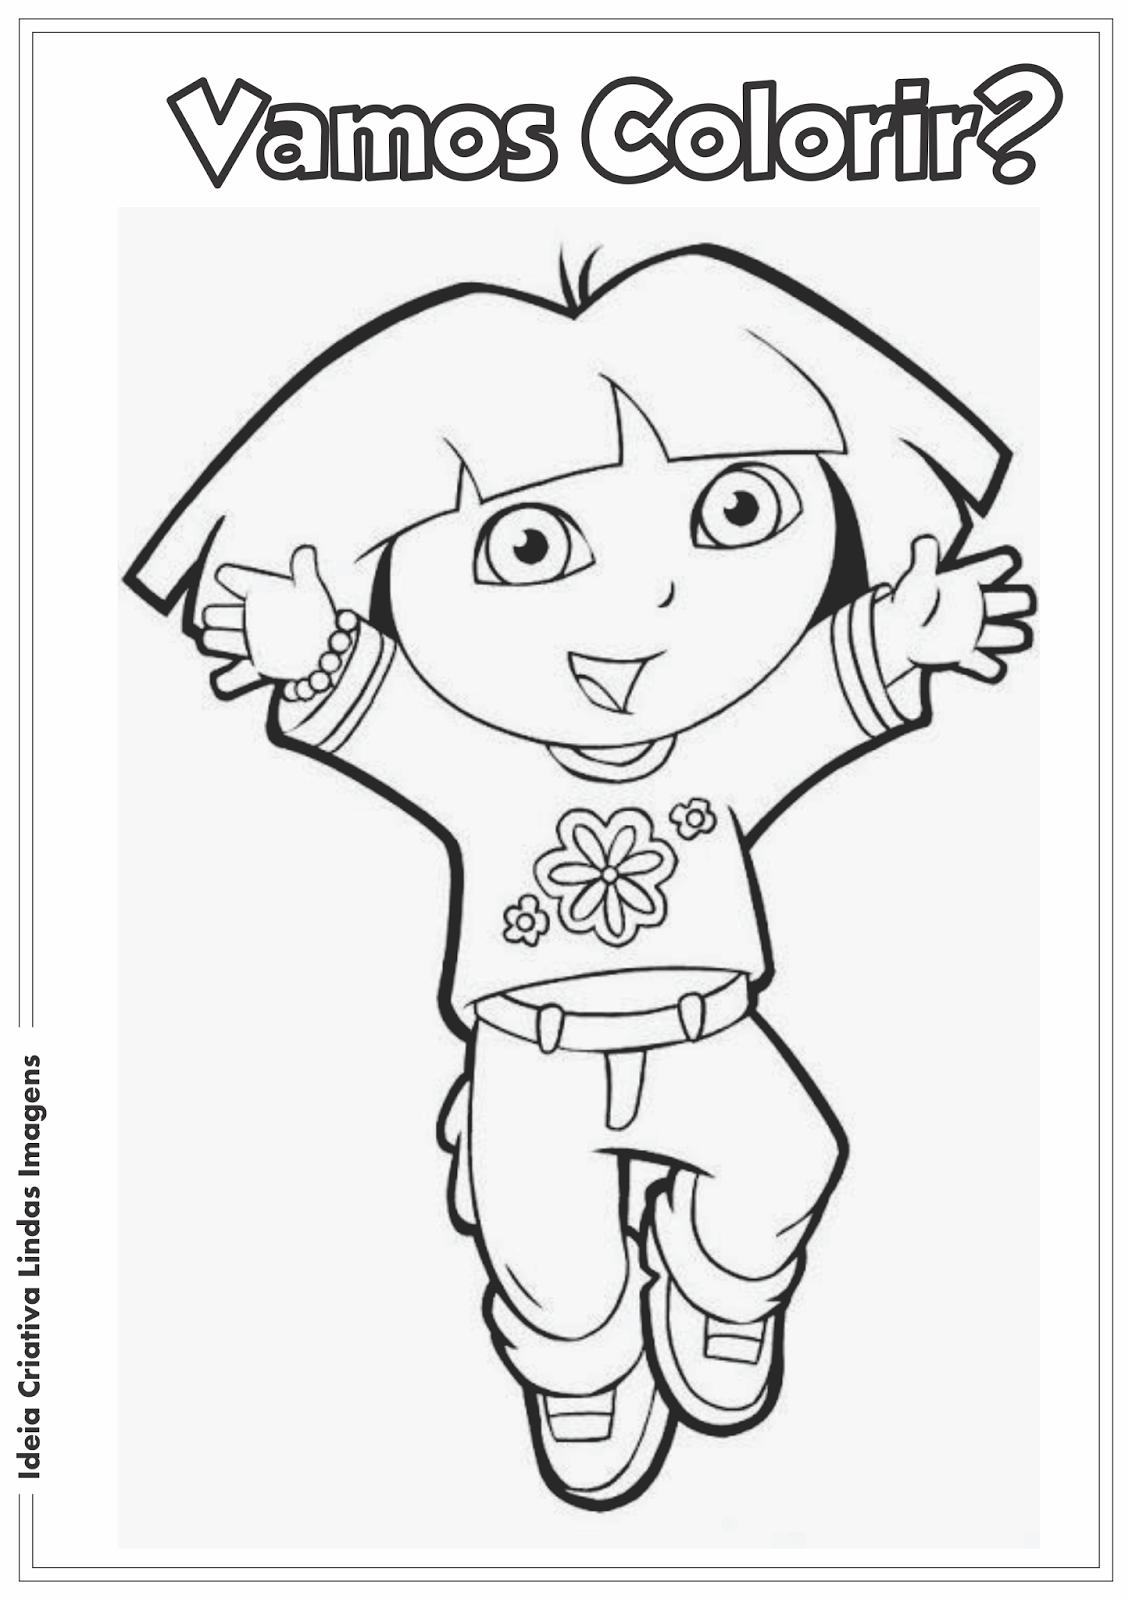 Dora a Aventureira desenho pra colorir